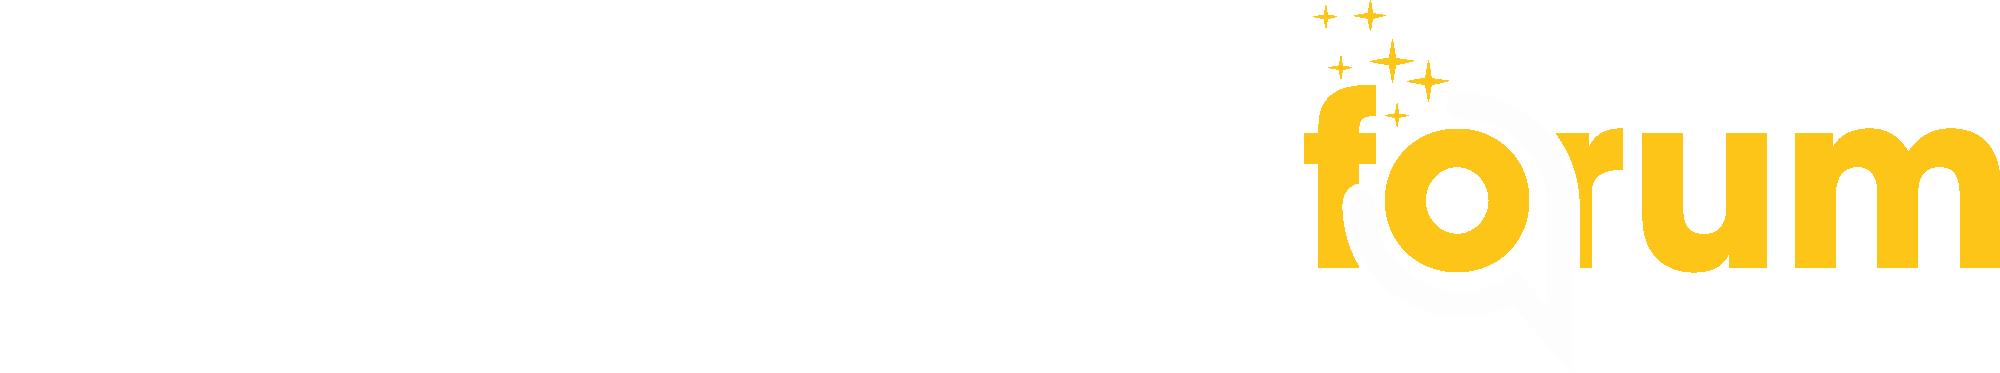 Schlager.de-Forum | Die größte Community der Schlagerwelt